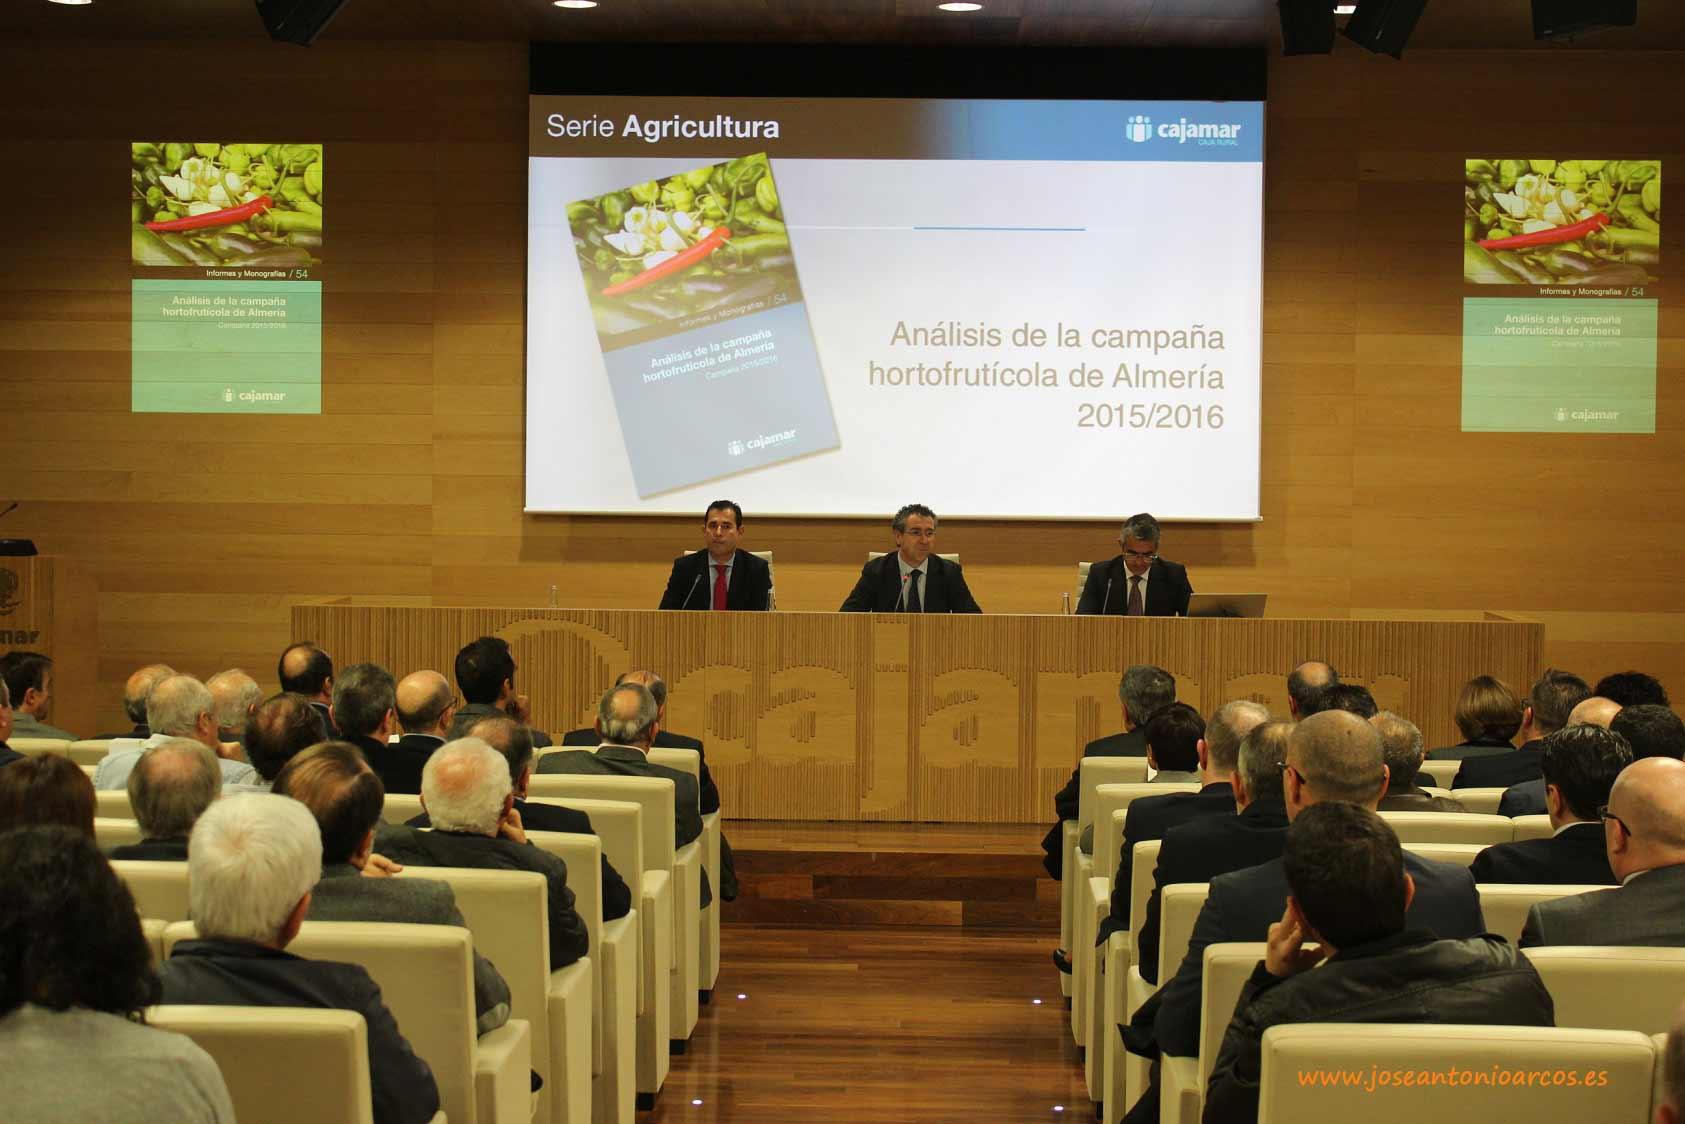 Informe hortofrutícola Cajamar 2016. Almería